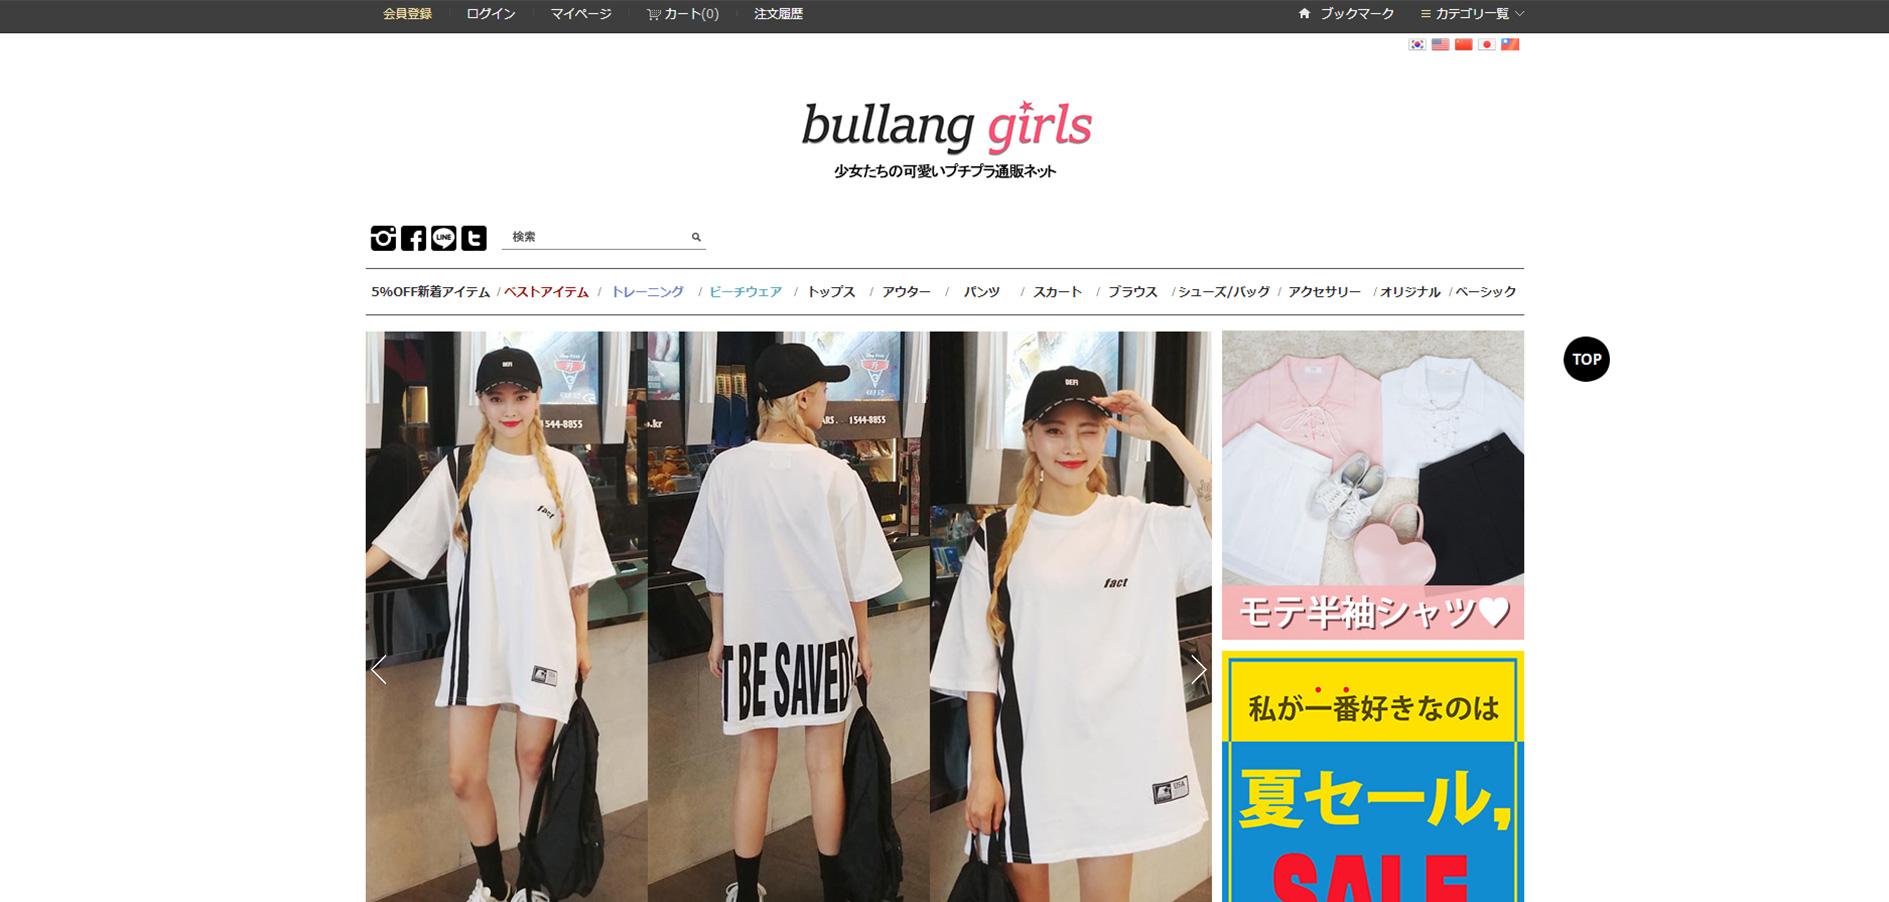 30代におすすめな韓国ファッション通販サイトのbullang girls(ブランガールズ)